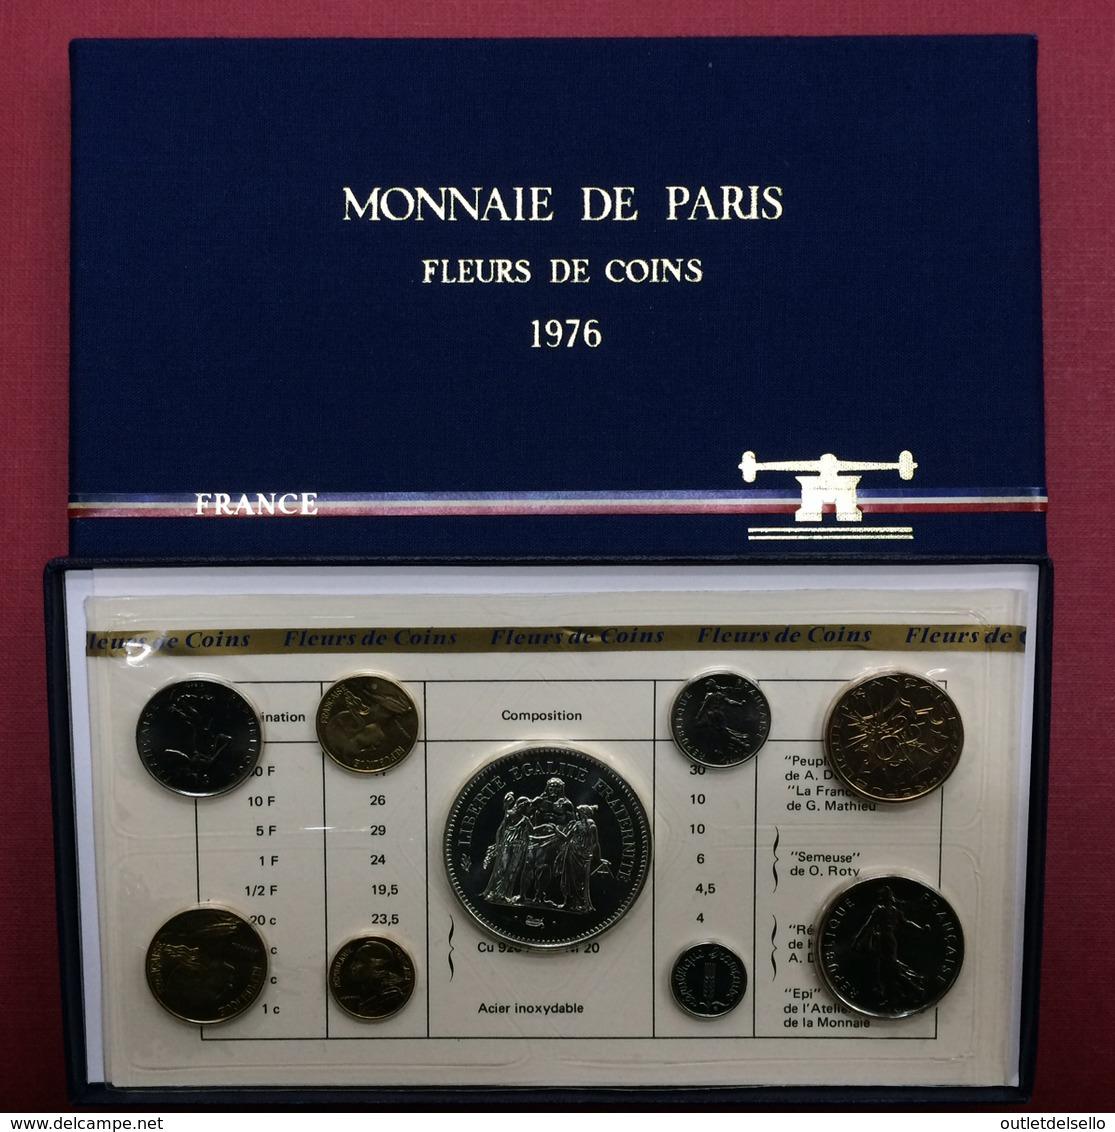 COFFRET FRANCE 1976 FDC OFFICIEL DE LA MONNAIE DE PARIS Avec 50 Francs En Argent - Francia